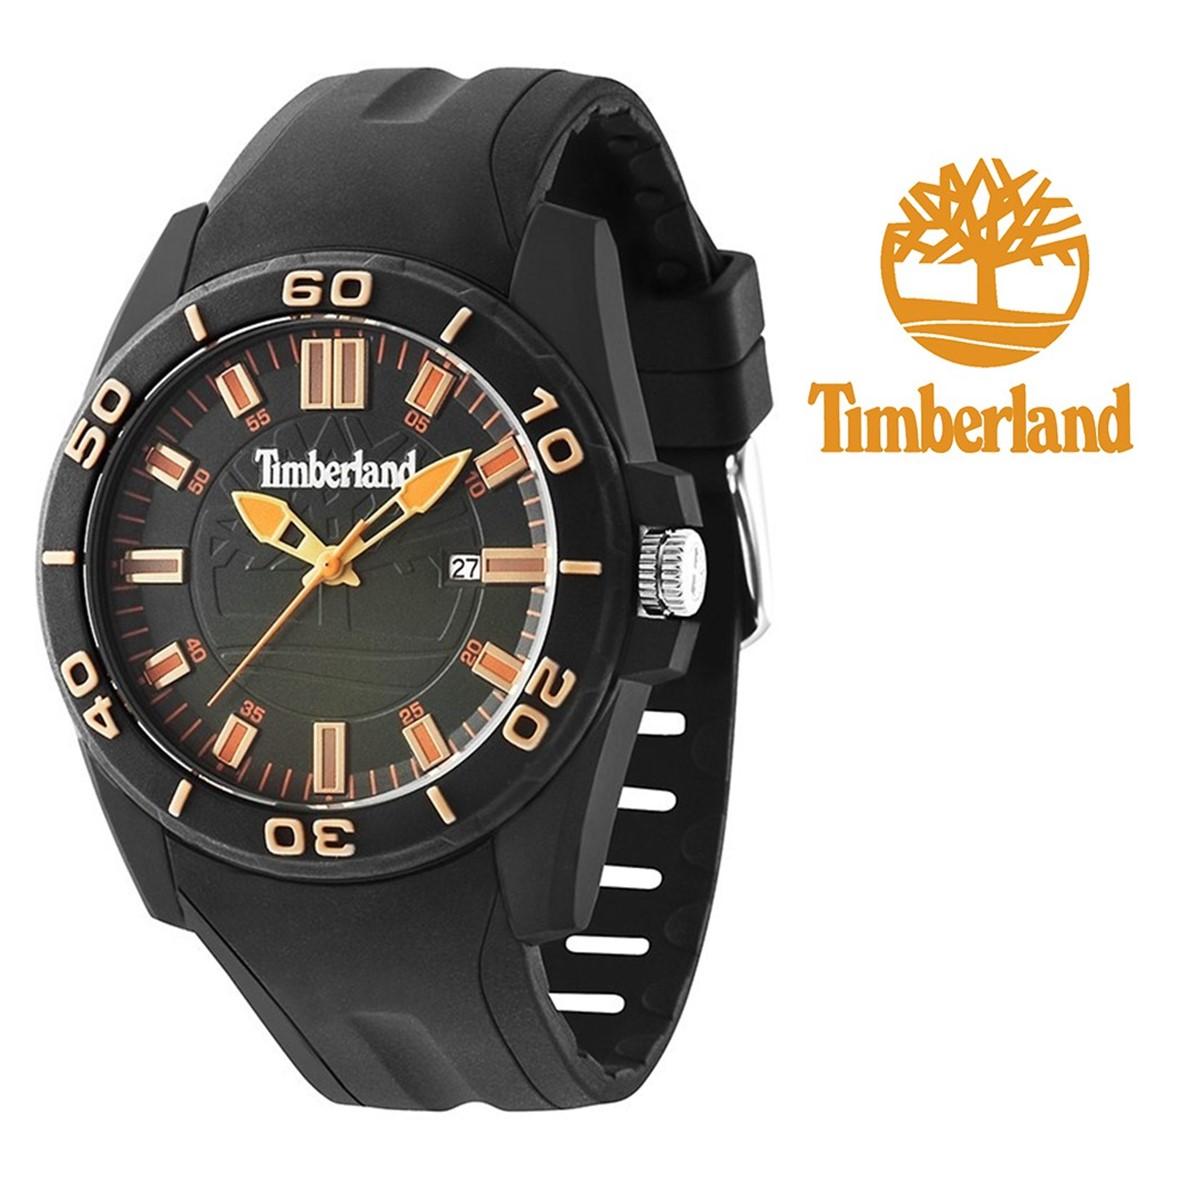 Timberland Tbl14442jpb Daftar Harga Terbaru Dan Terlengkap Indonesia 14524jsb 02p Jam Tangan Pria Rubber Strap Orange Hitam Watch